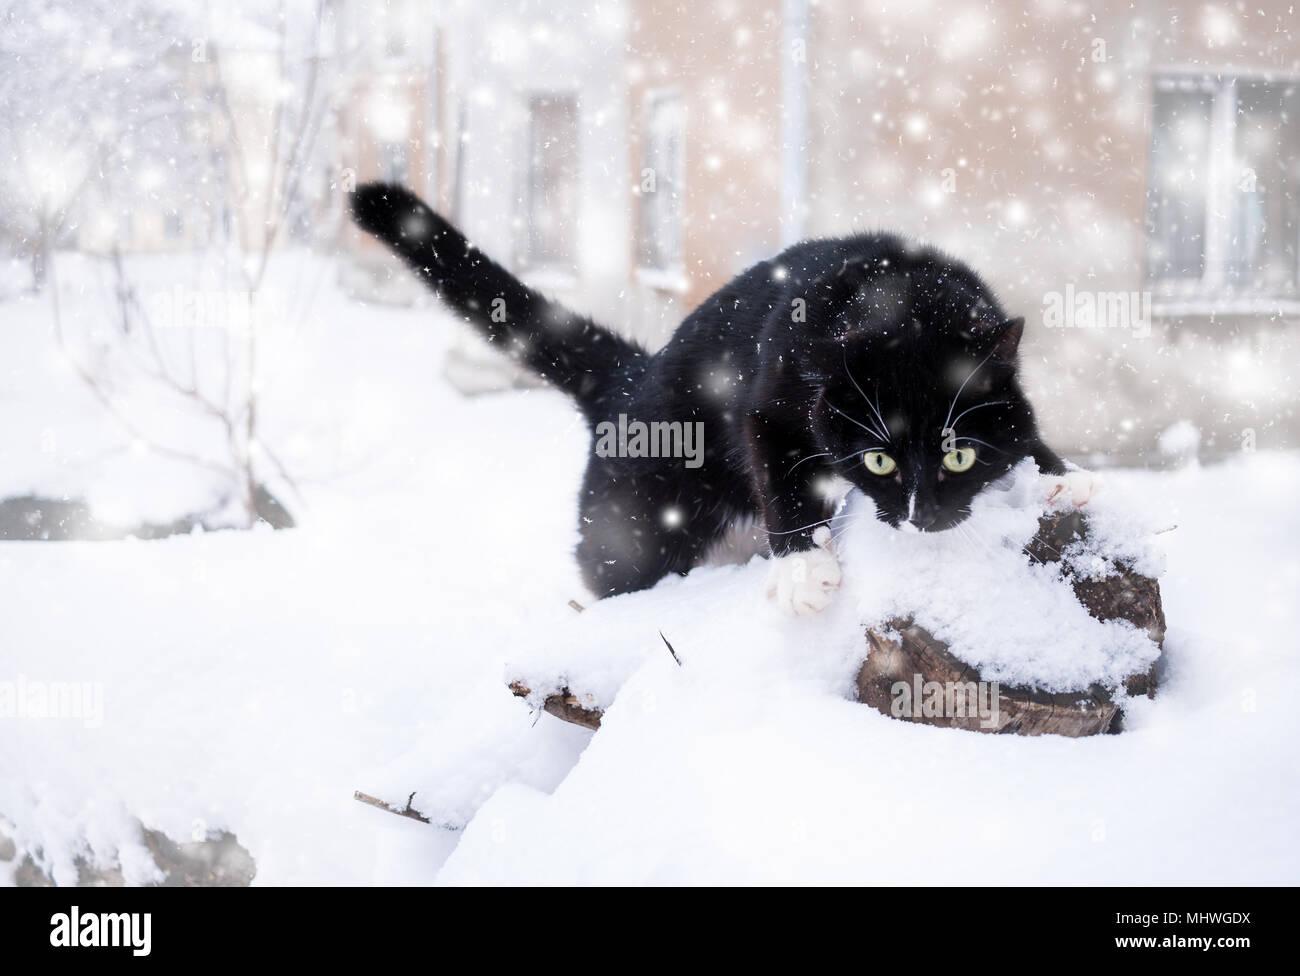 Schwarze und weiße Katze klettern auf Holz- stumpf im Schnee bei Schneefall. Stockbild